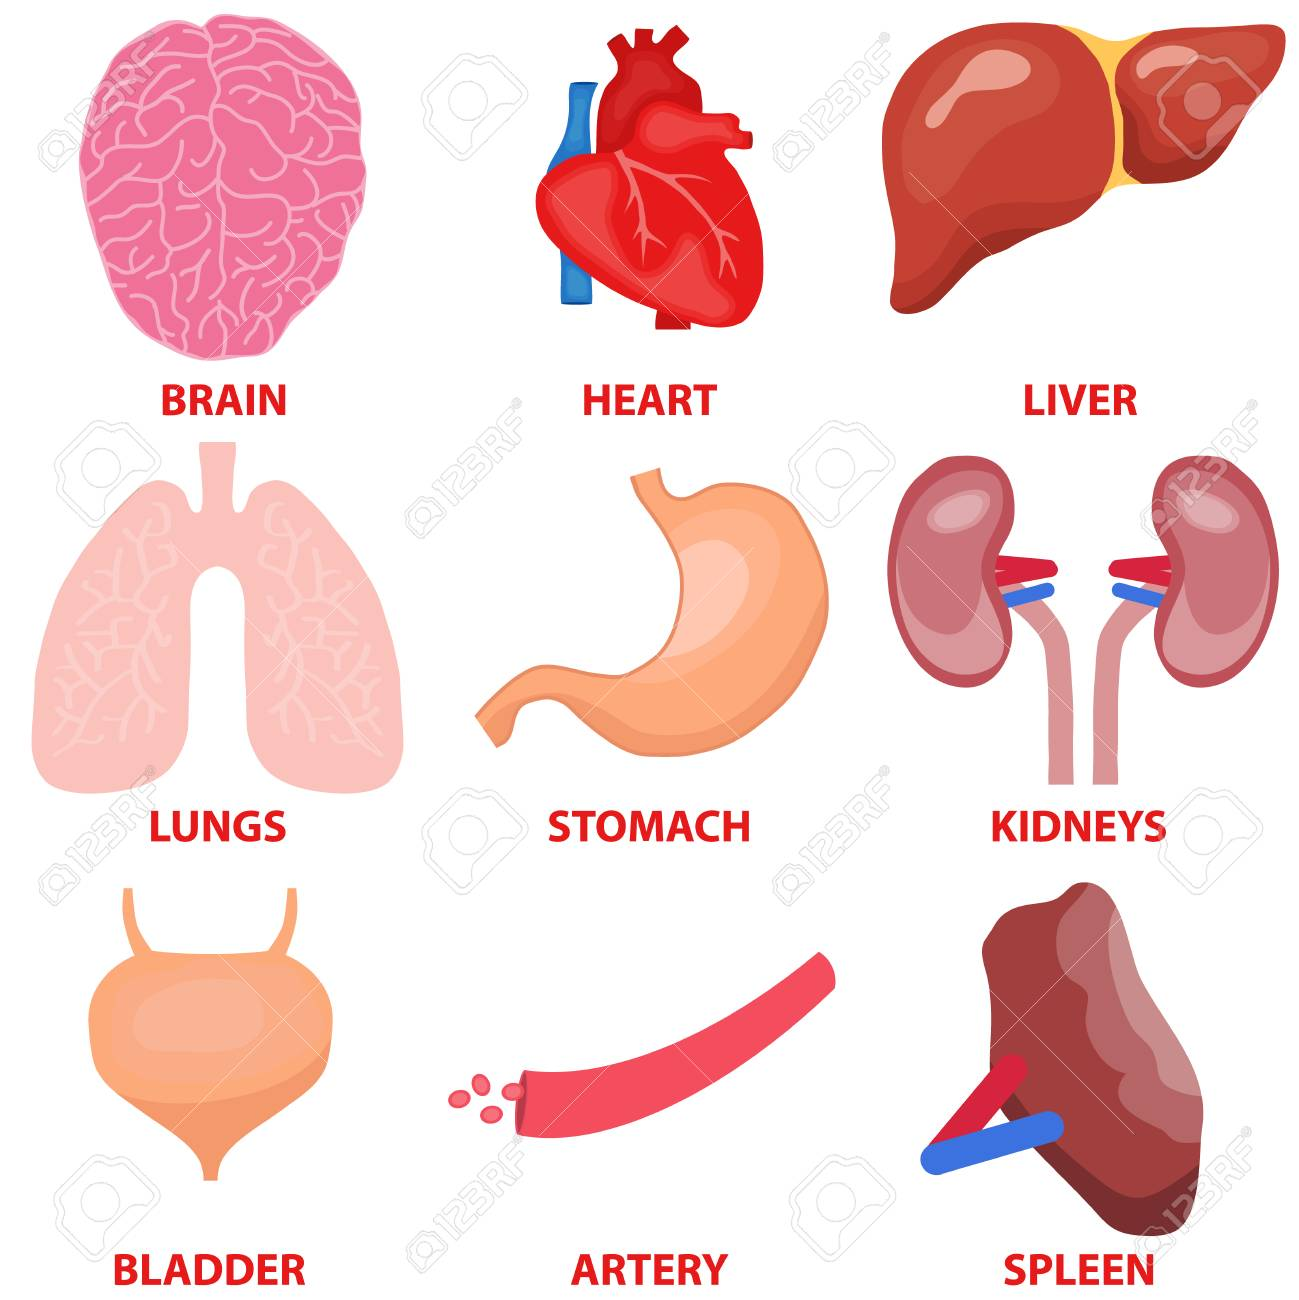 Human organs a set of internal organs of man heart liver human organs a set of internal organs of man heart liver brain ccuart Images